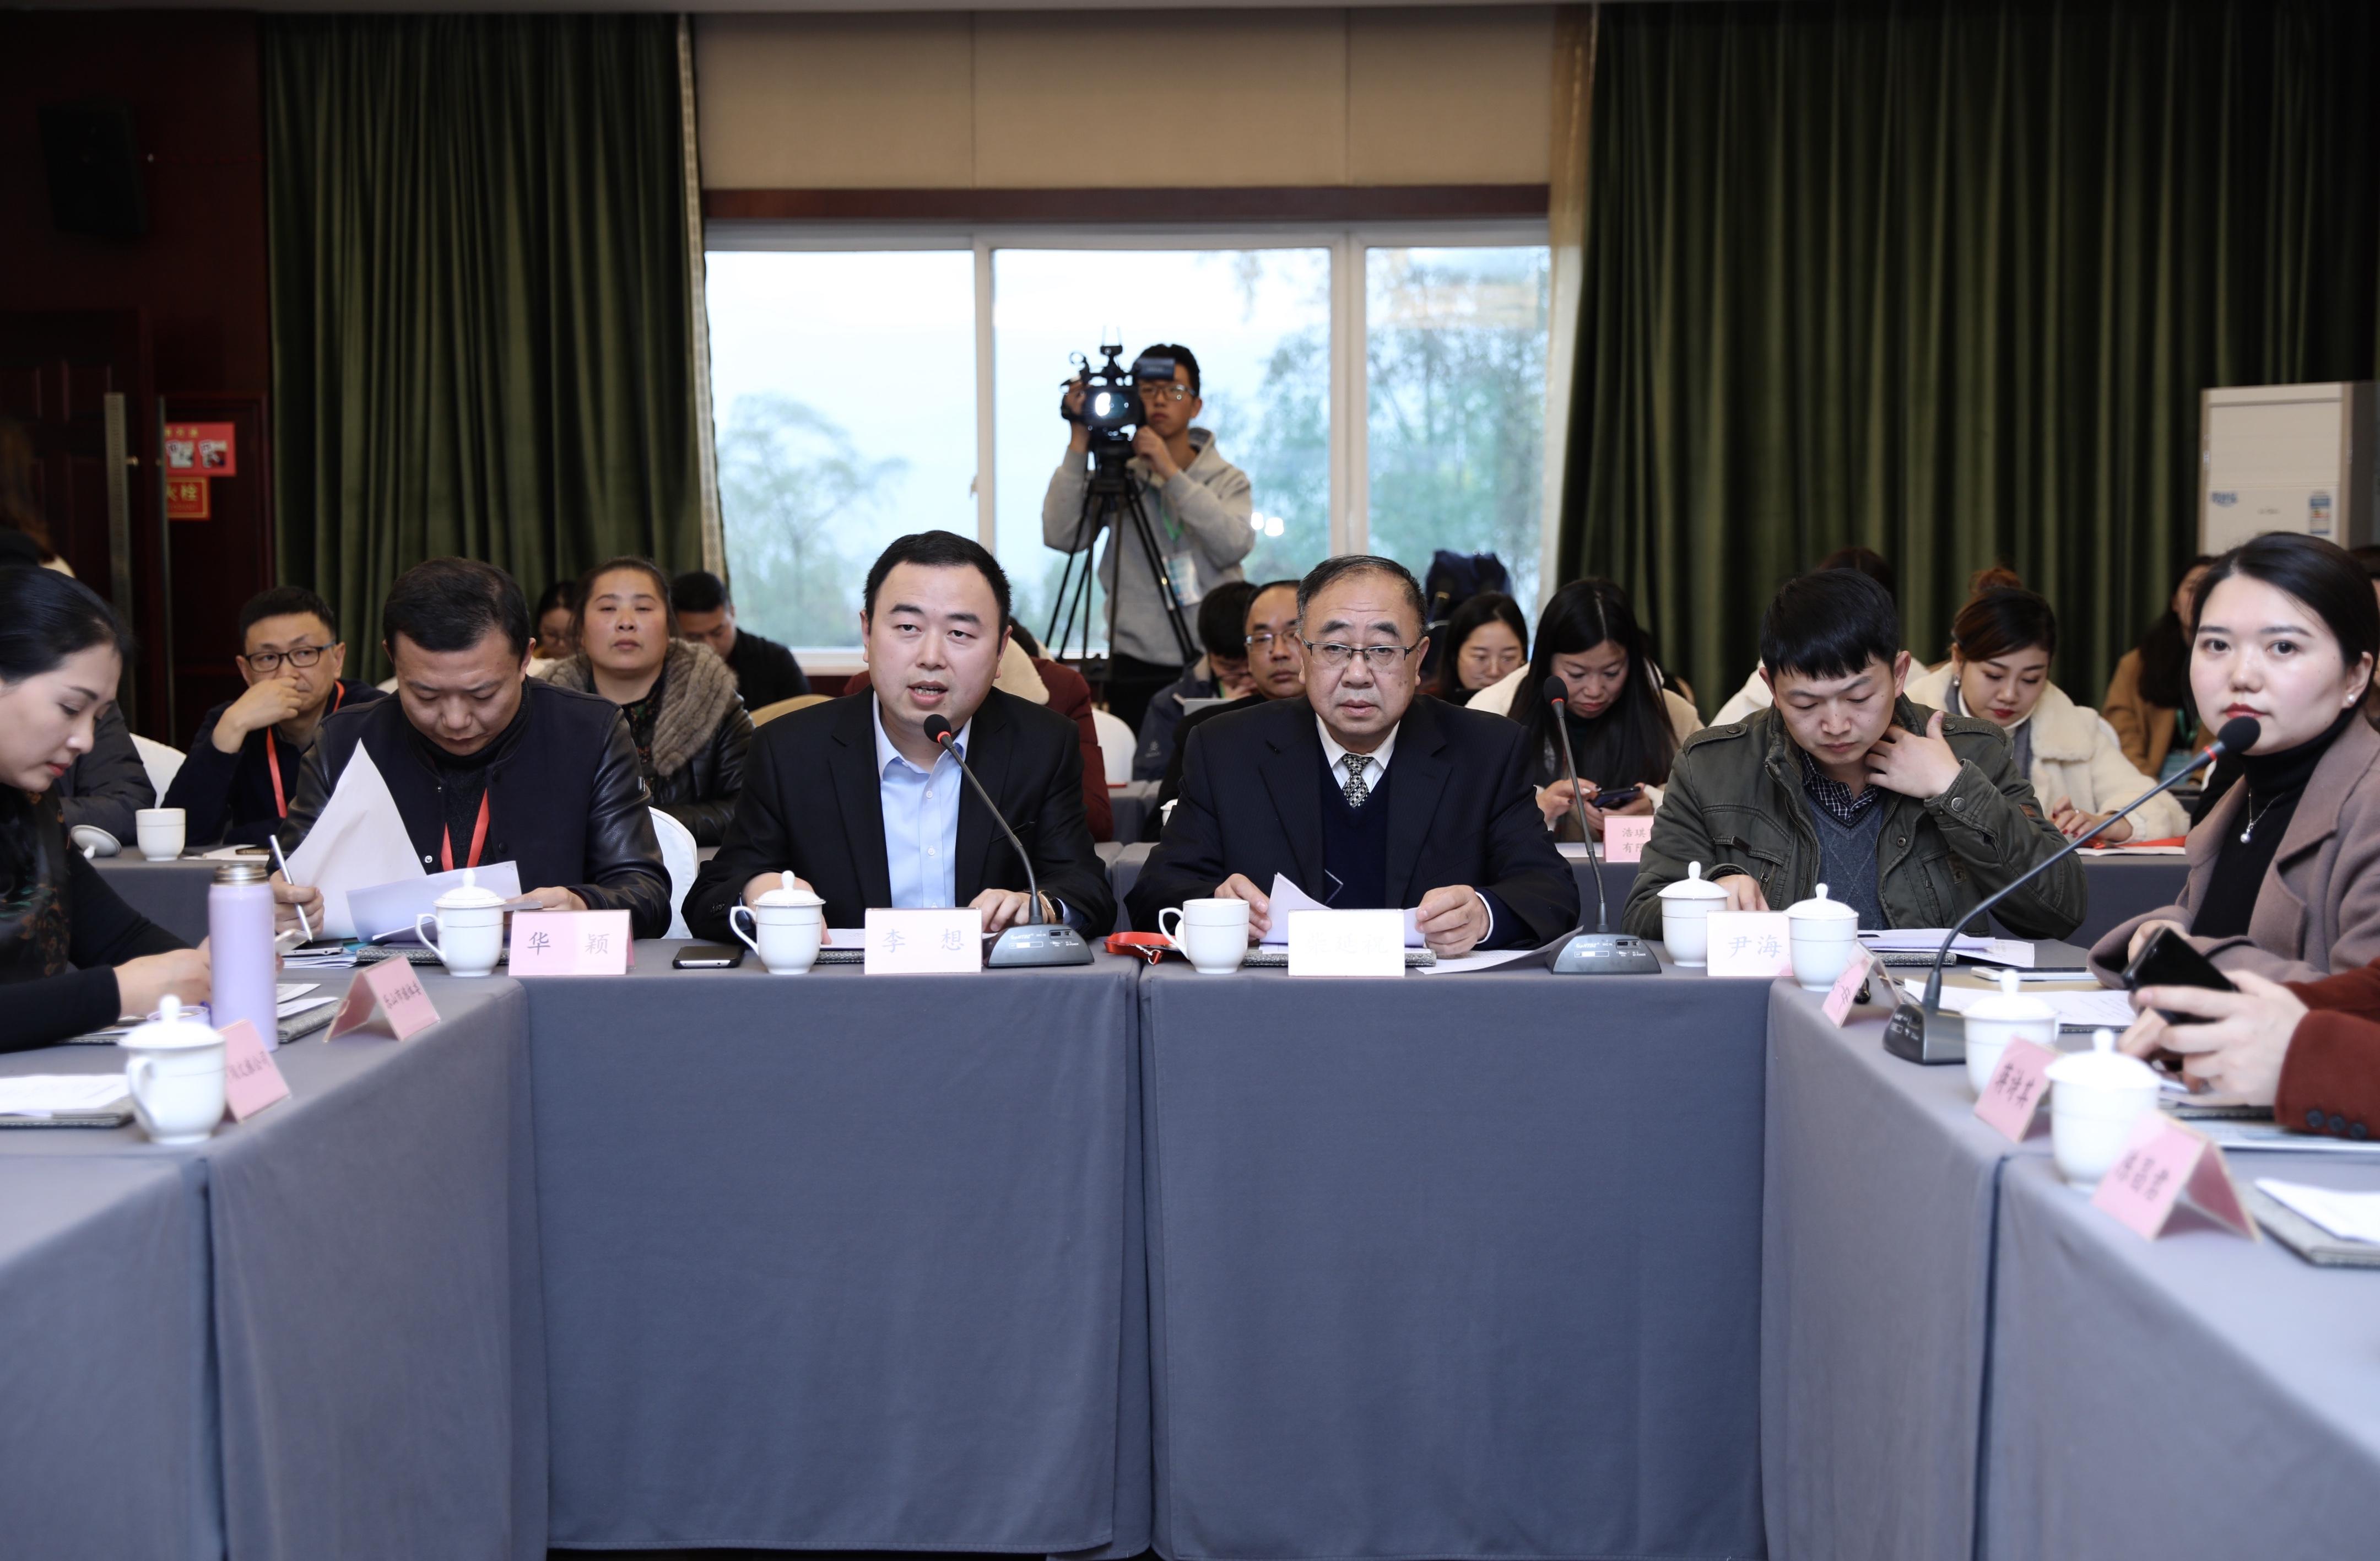 近年来 沧州经济总量居_沧州火锅鸡图片